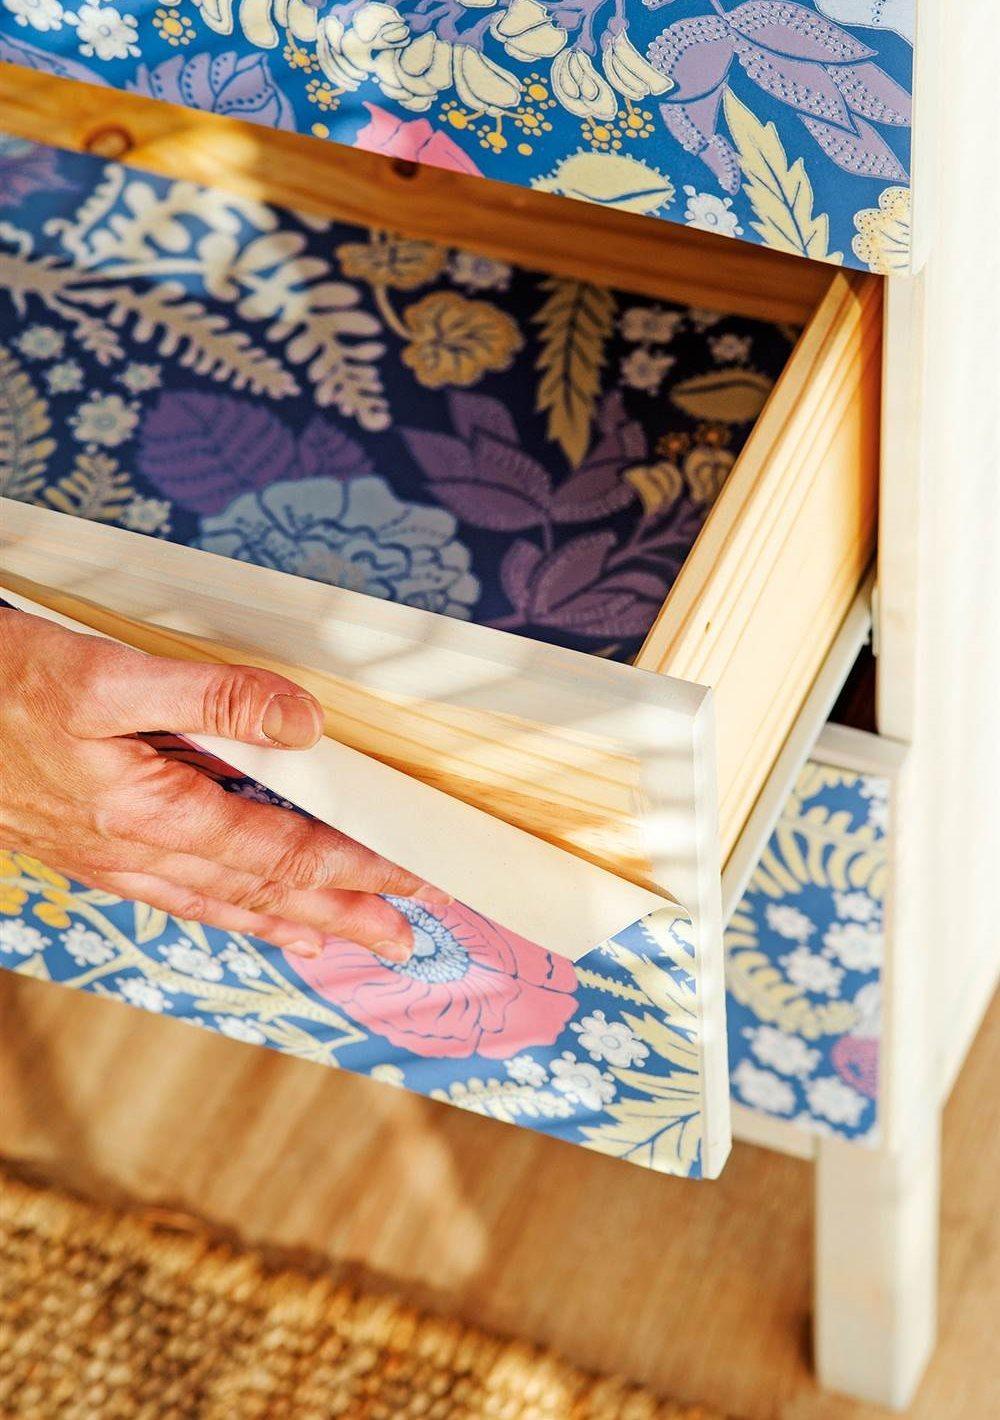 C moda 3 ideas para personalizarla - Como decorar una comoda ...